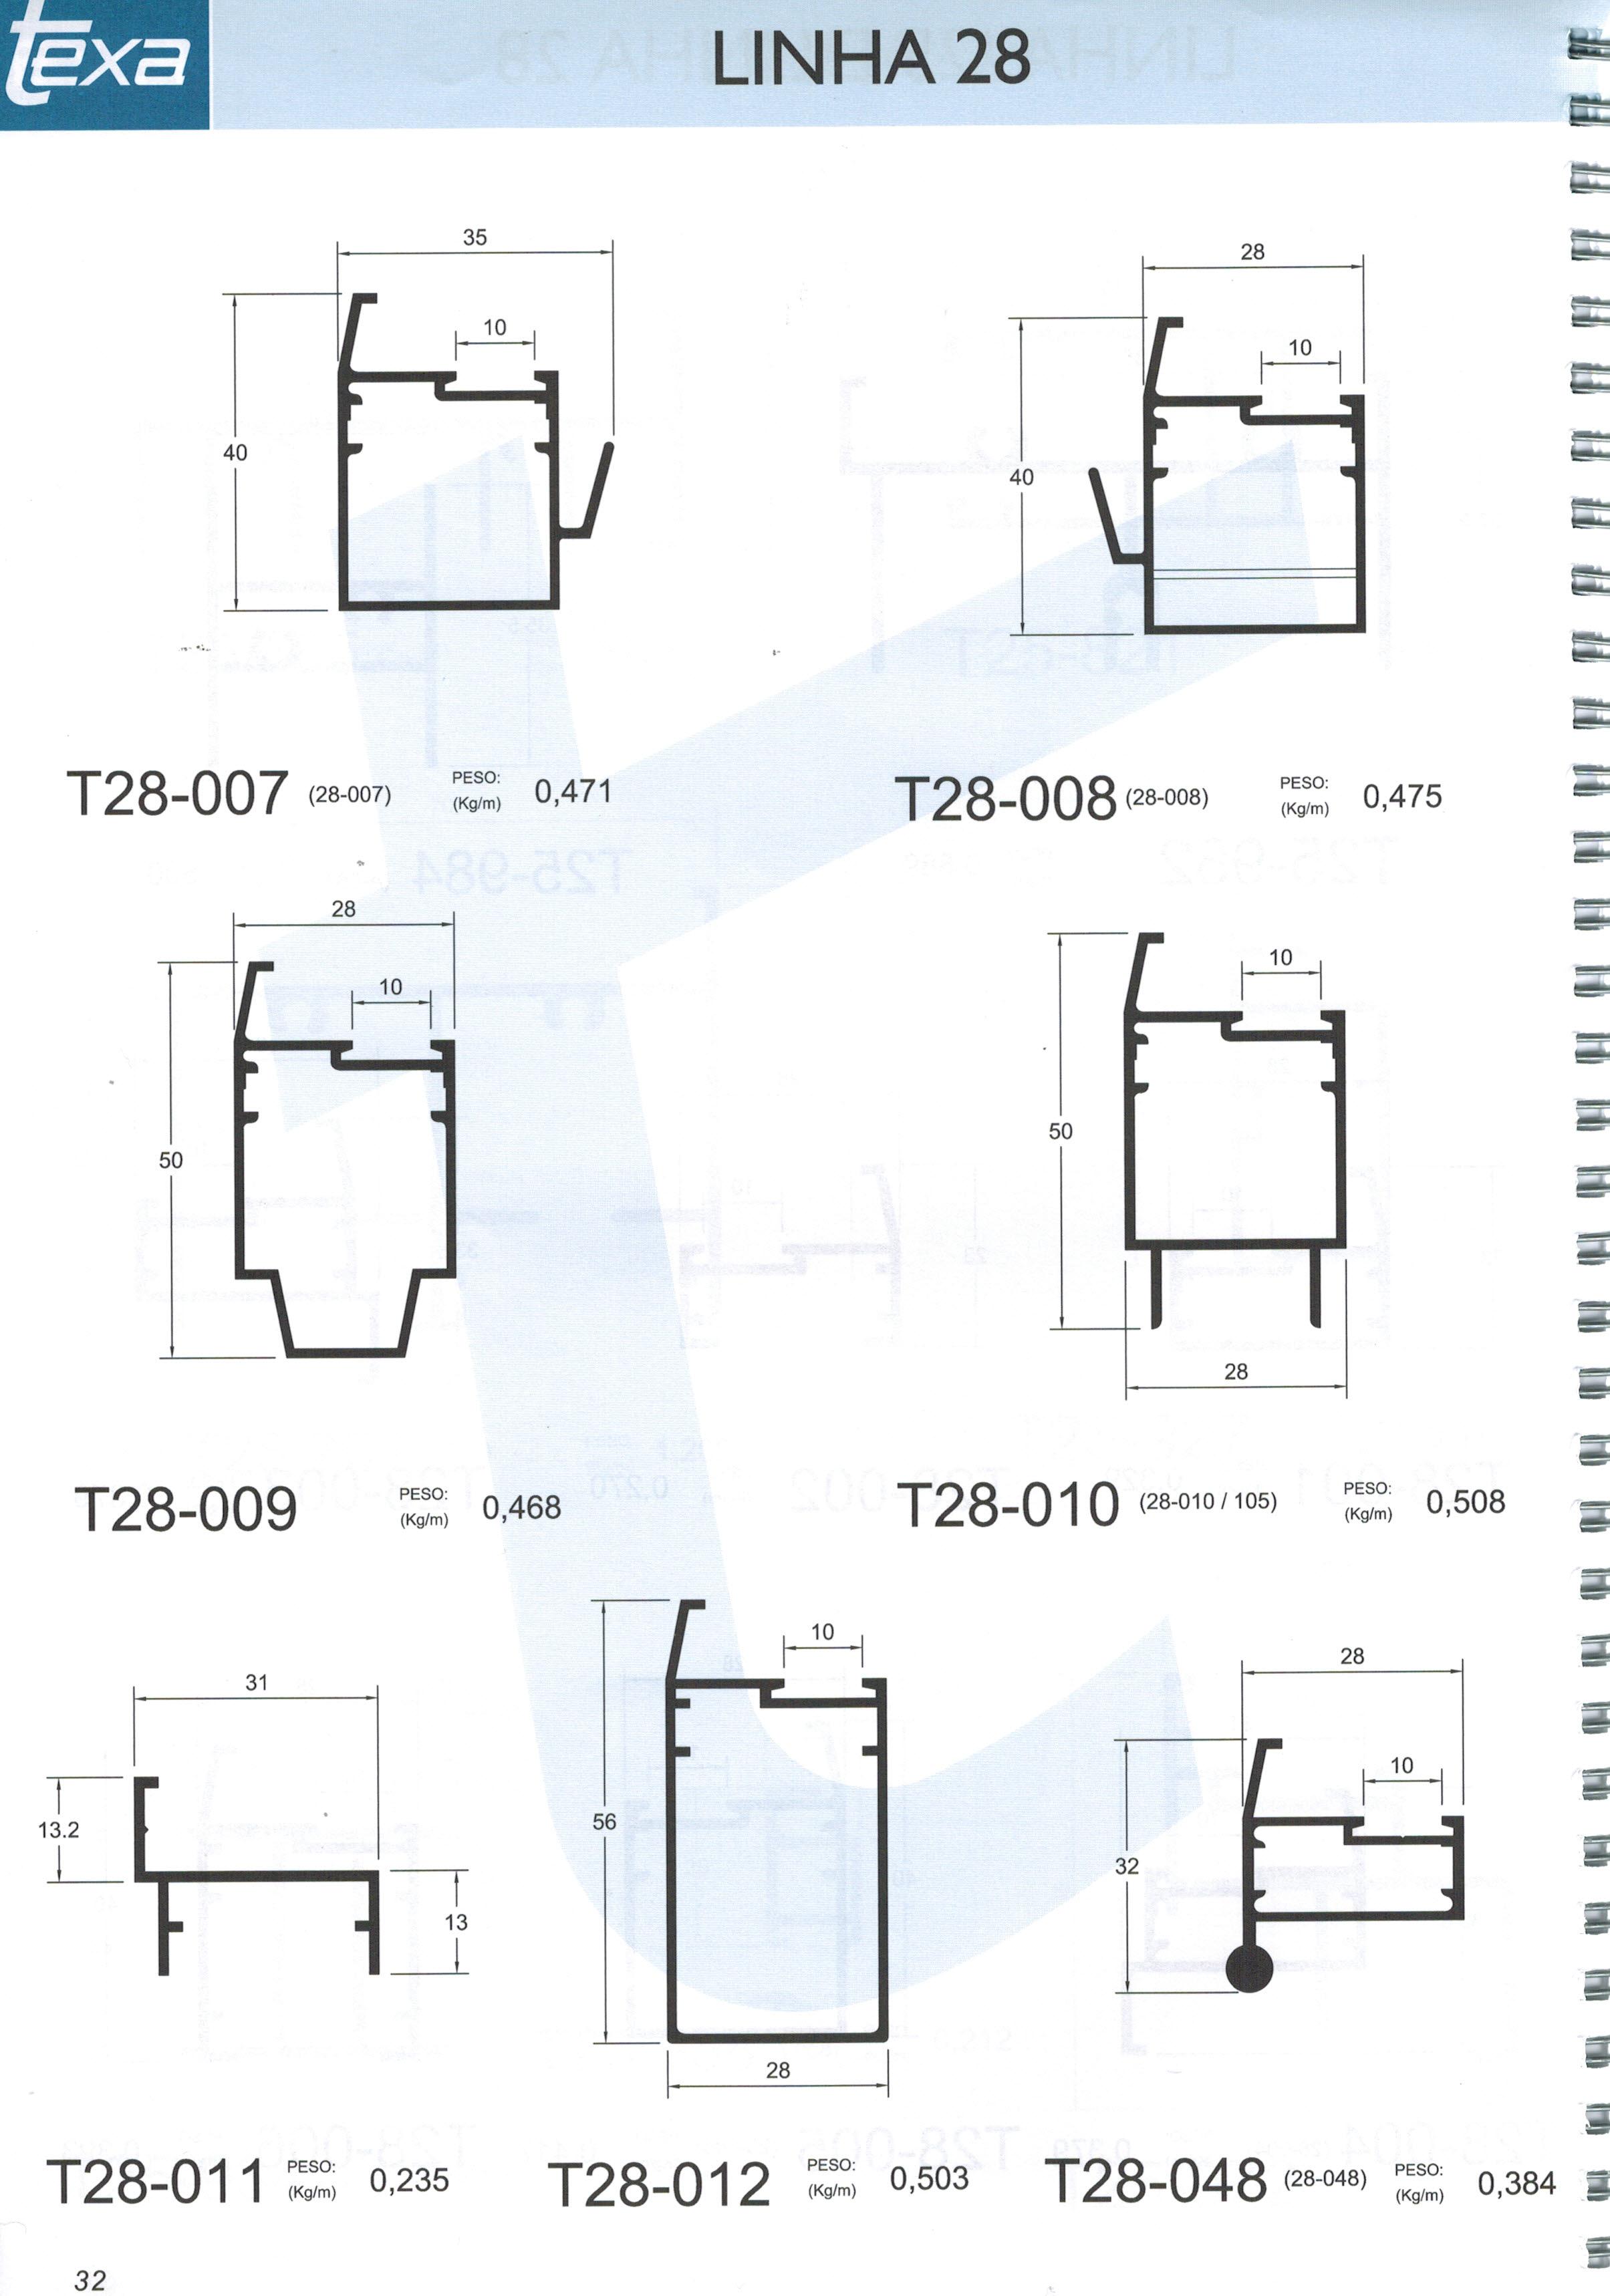 #2C6A89 Perfil 28 1656 Janela De Aluminio Linha 28